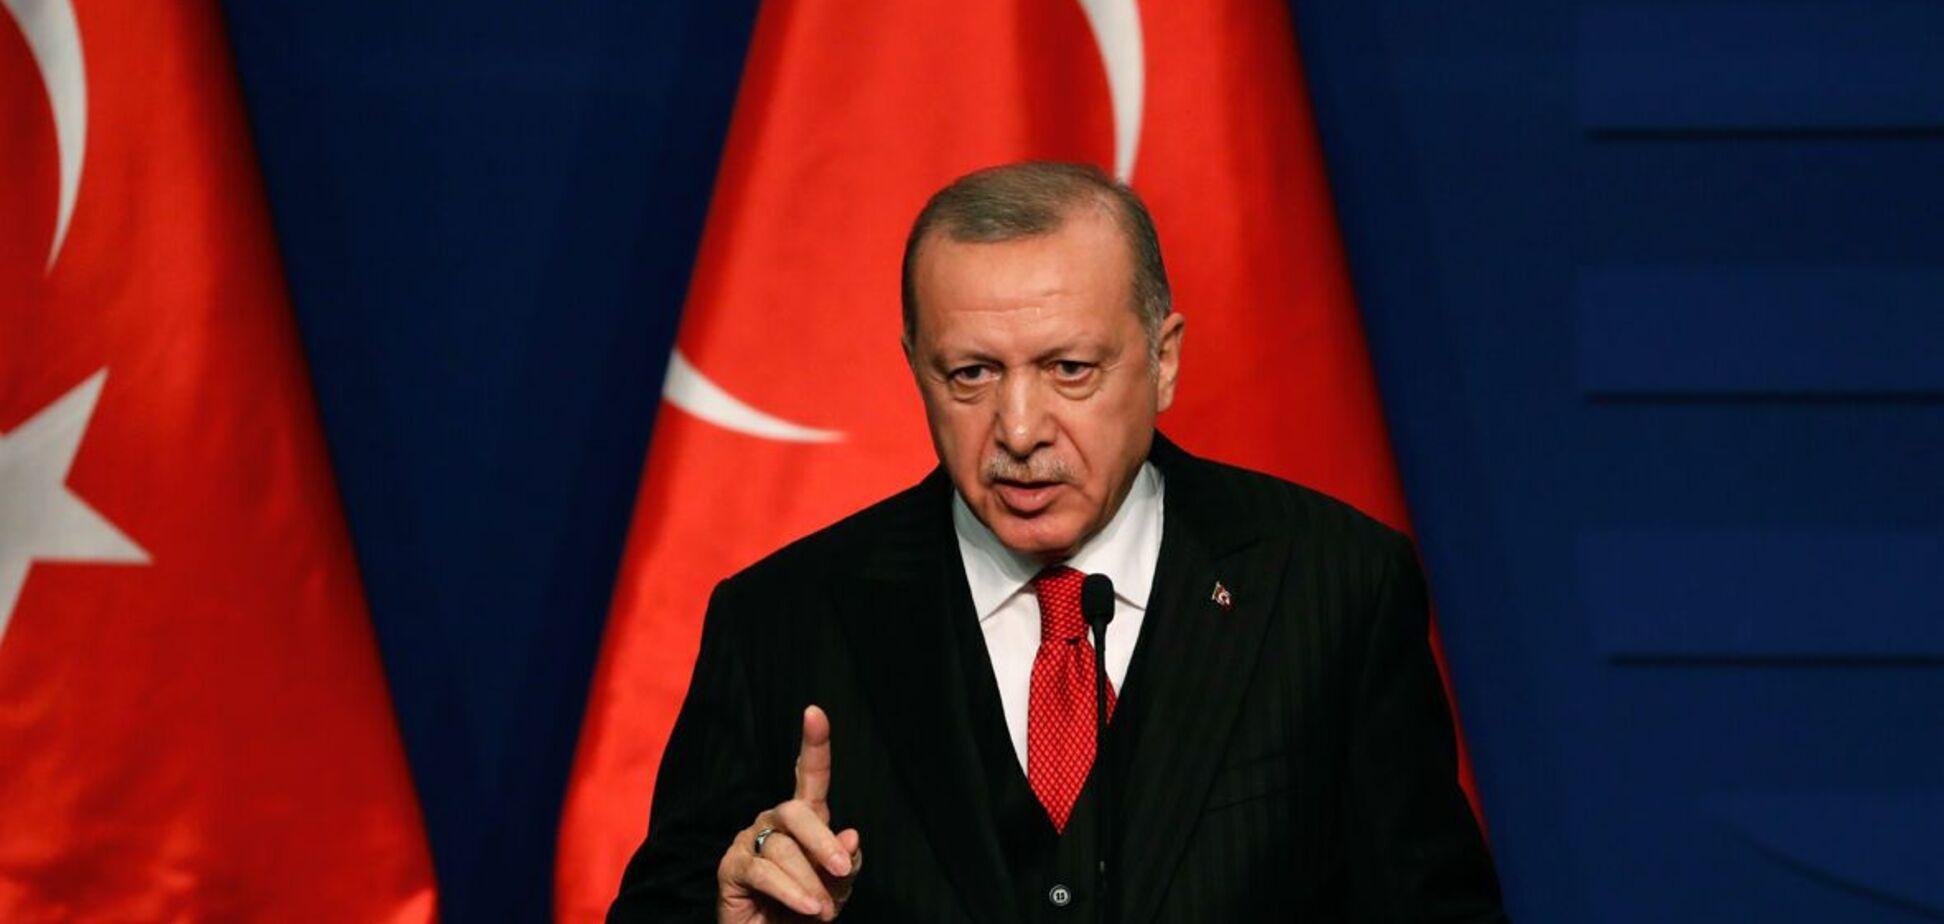 Реджепу Тайипу Эрдогану российское СМИ приписало выдуманные слова о Крыме